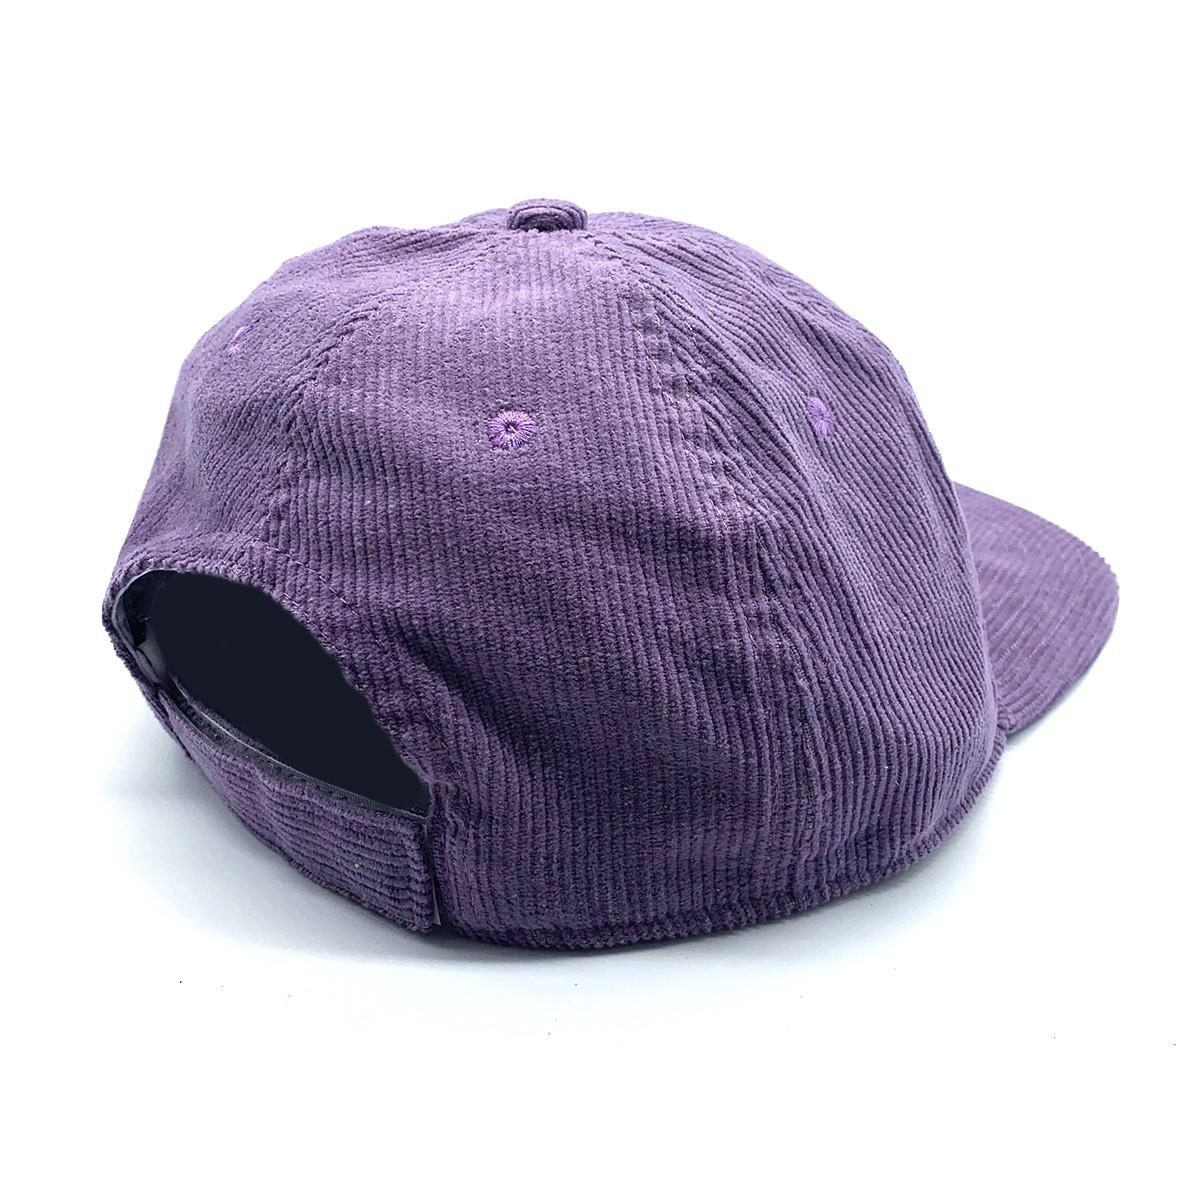 PURPLE VINTAGE CORD HAT